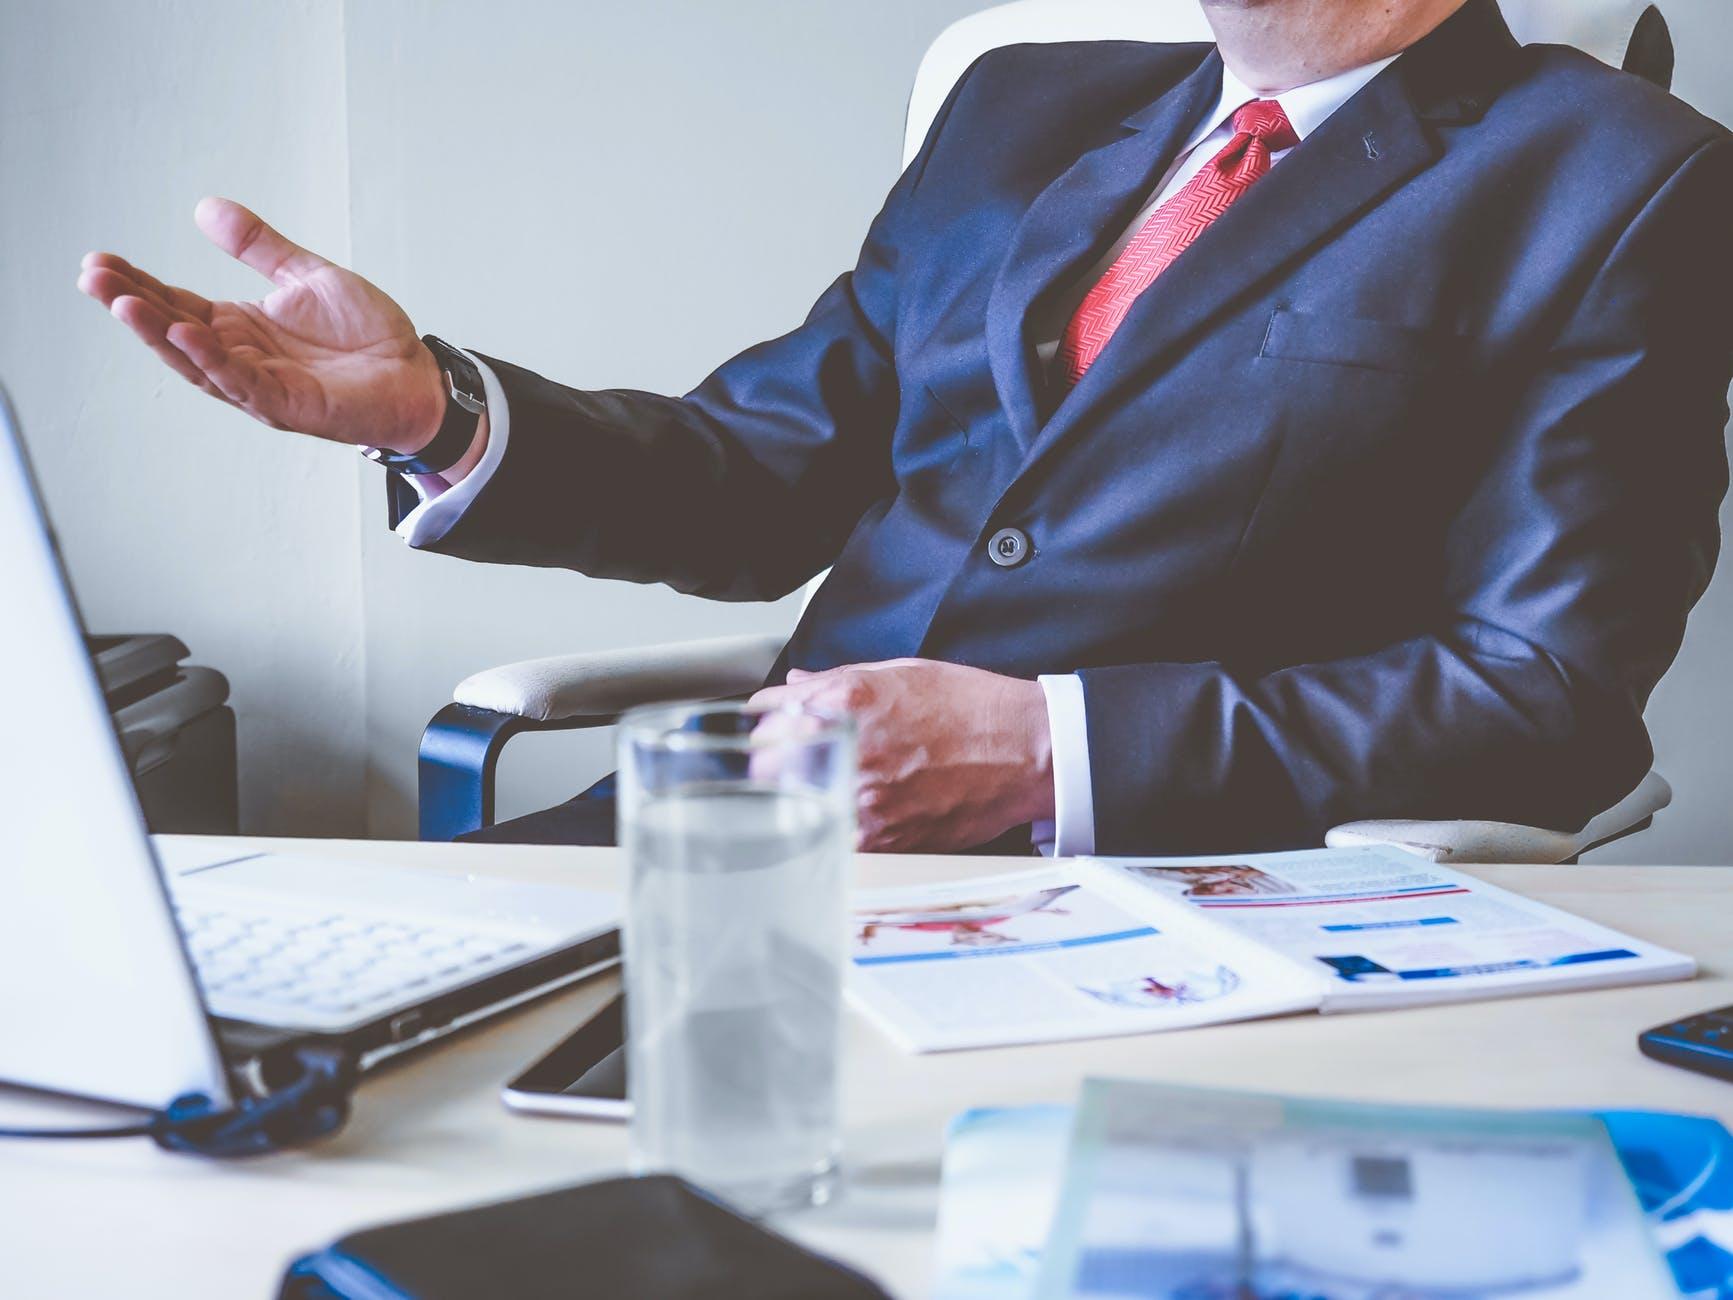 关于工程造价咨询企业晋升甲级资质告知承诺制申报情况的公示